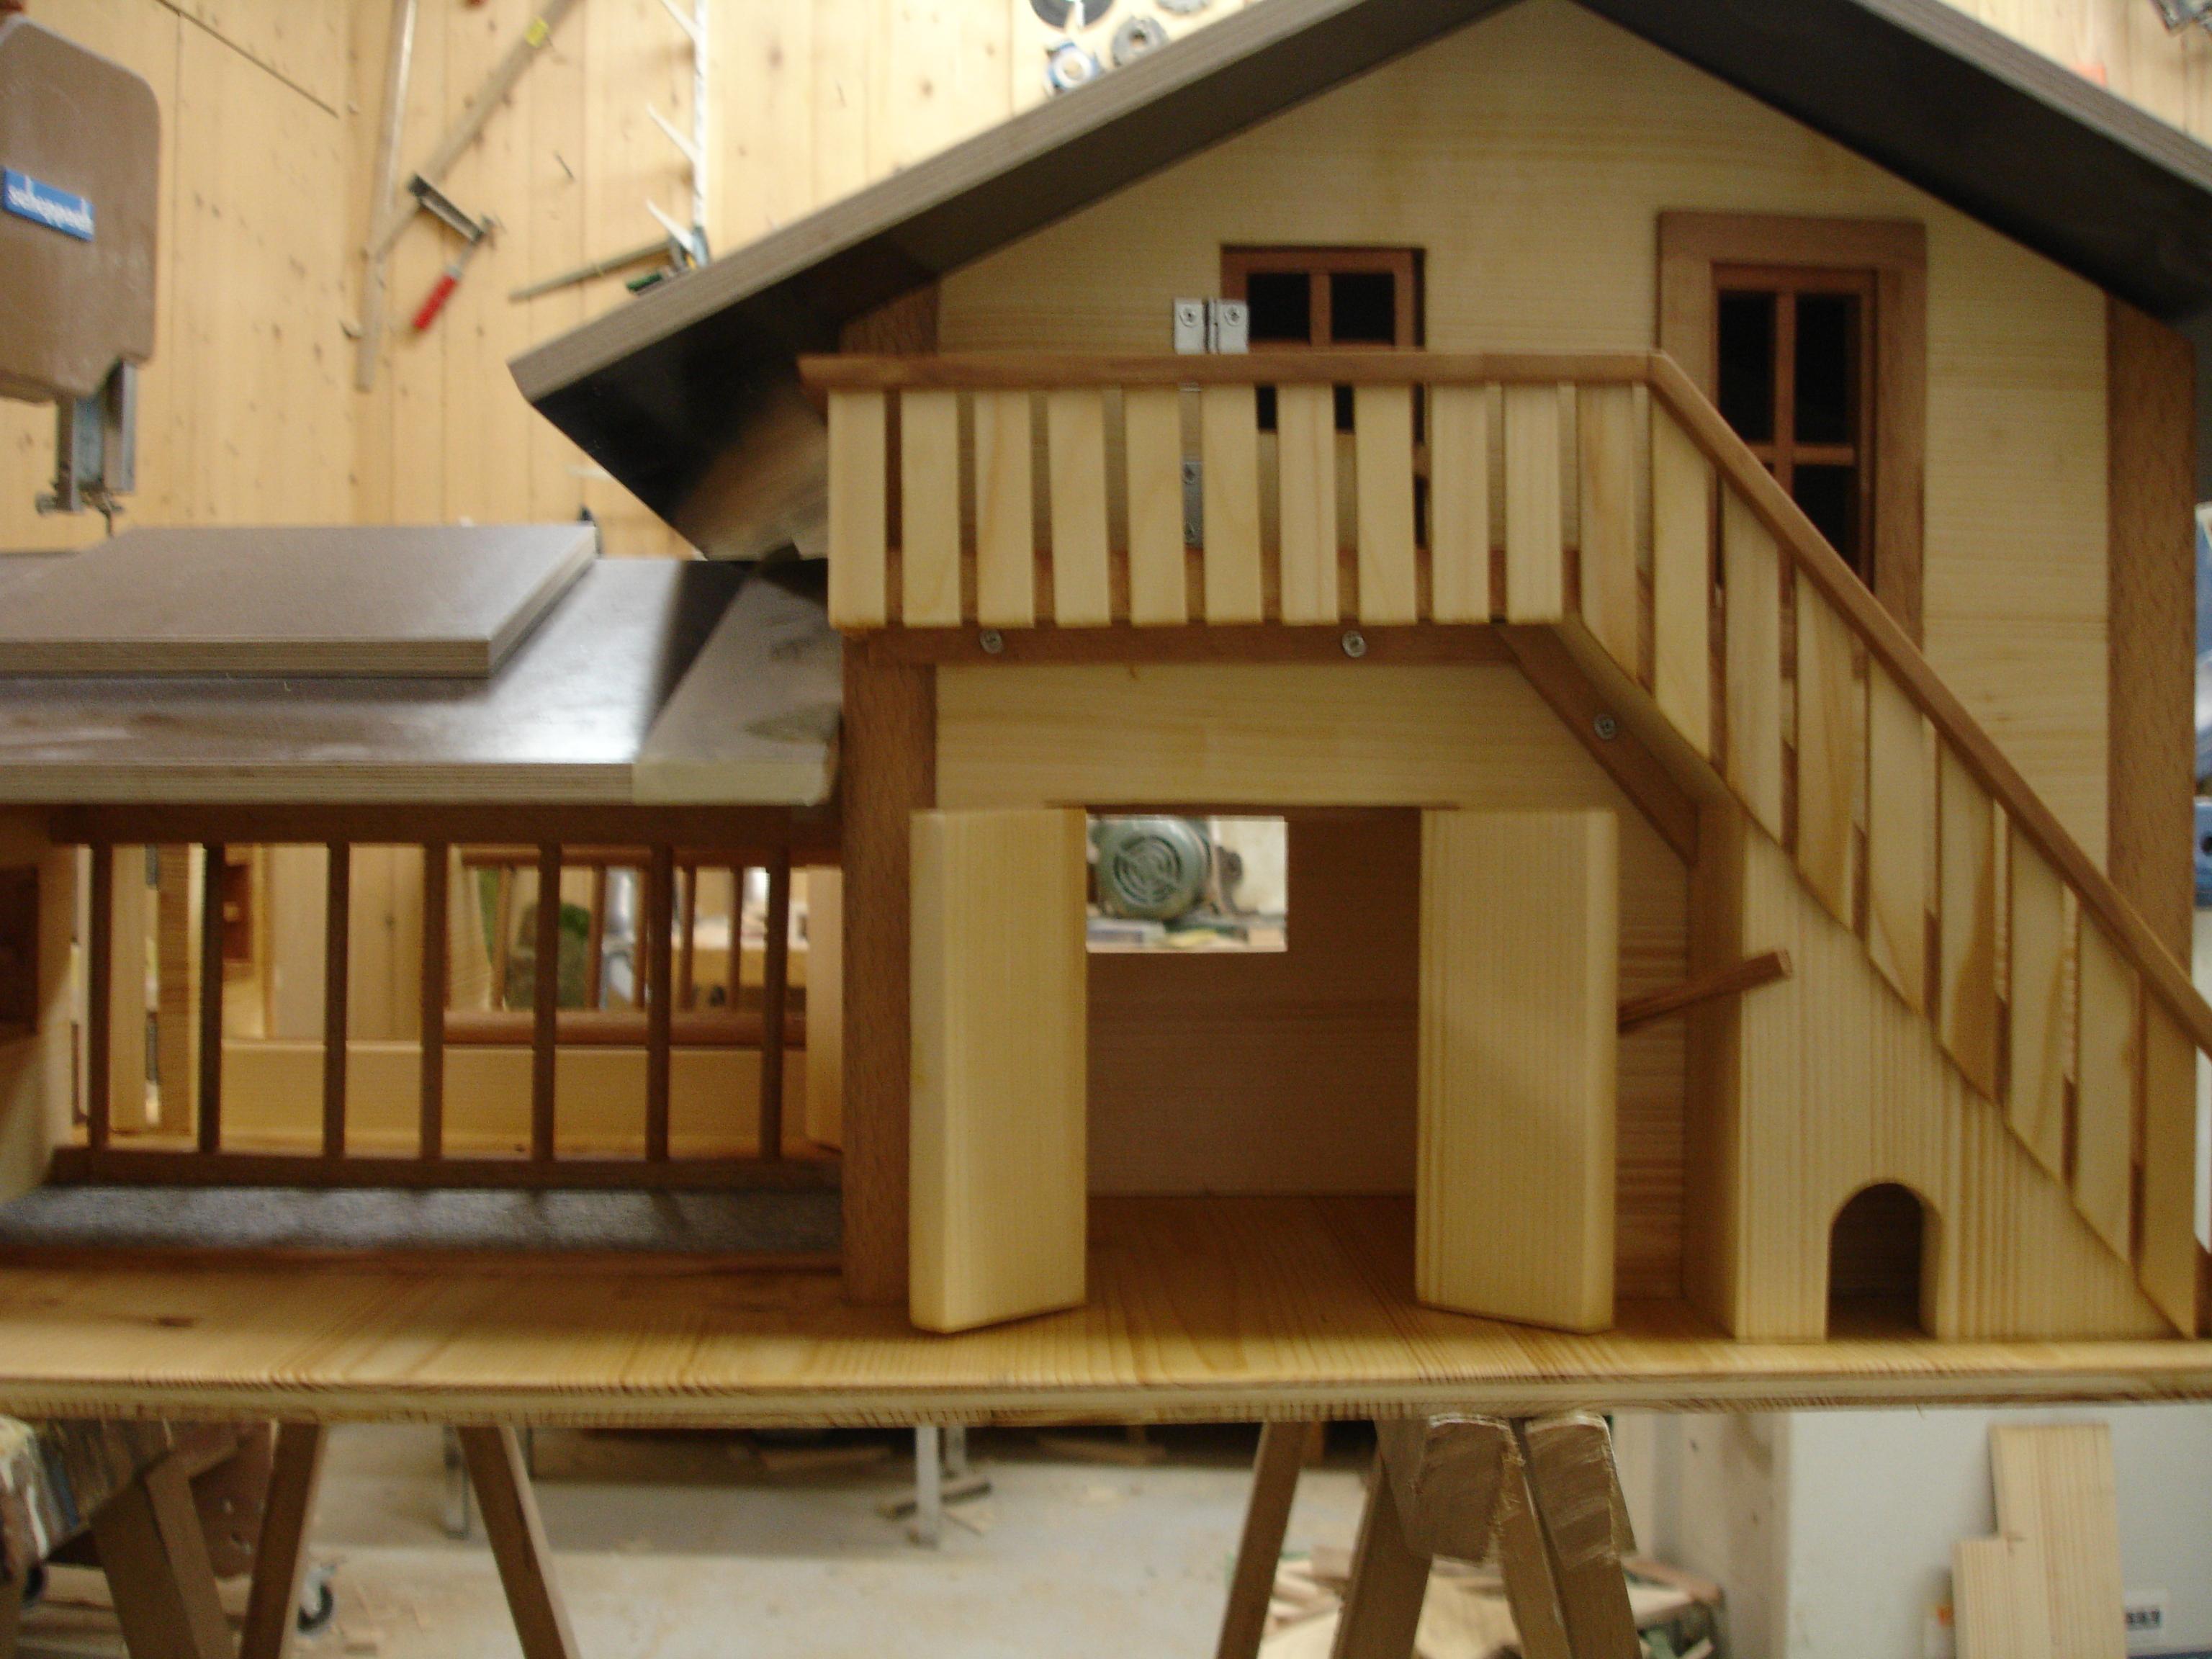 Mit Wohnung Great Wohnung Malcesine Verkauf Oder